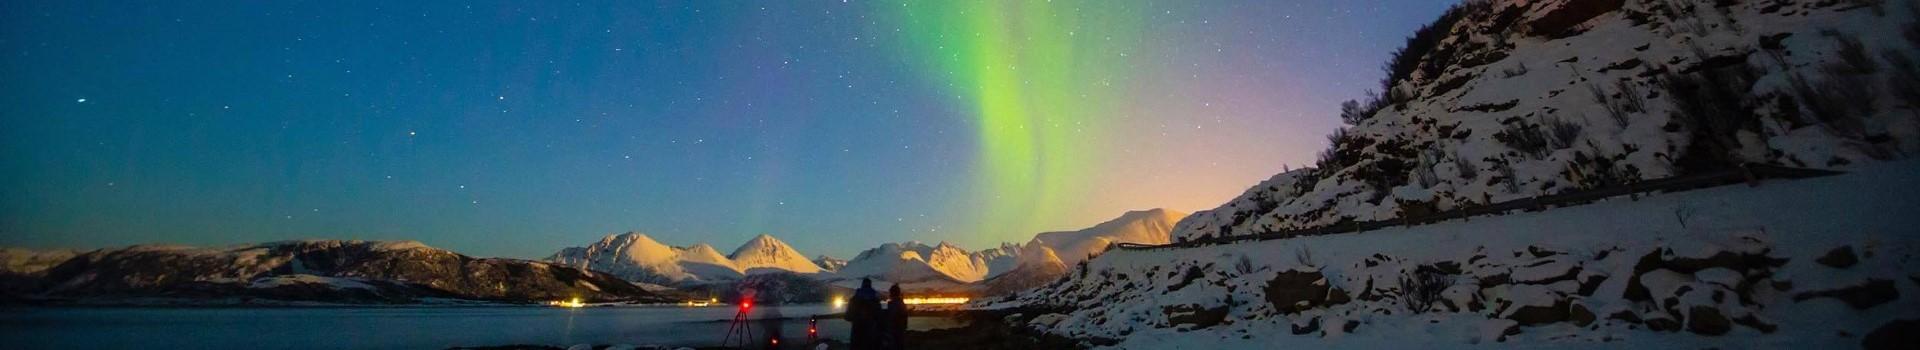 11mit Hurtigruten unterwegs: Polarlichter_ tromsolightscape_2500x1250